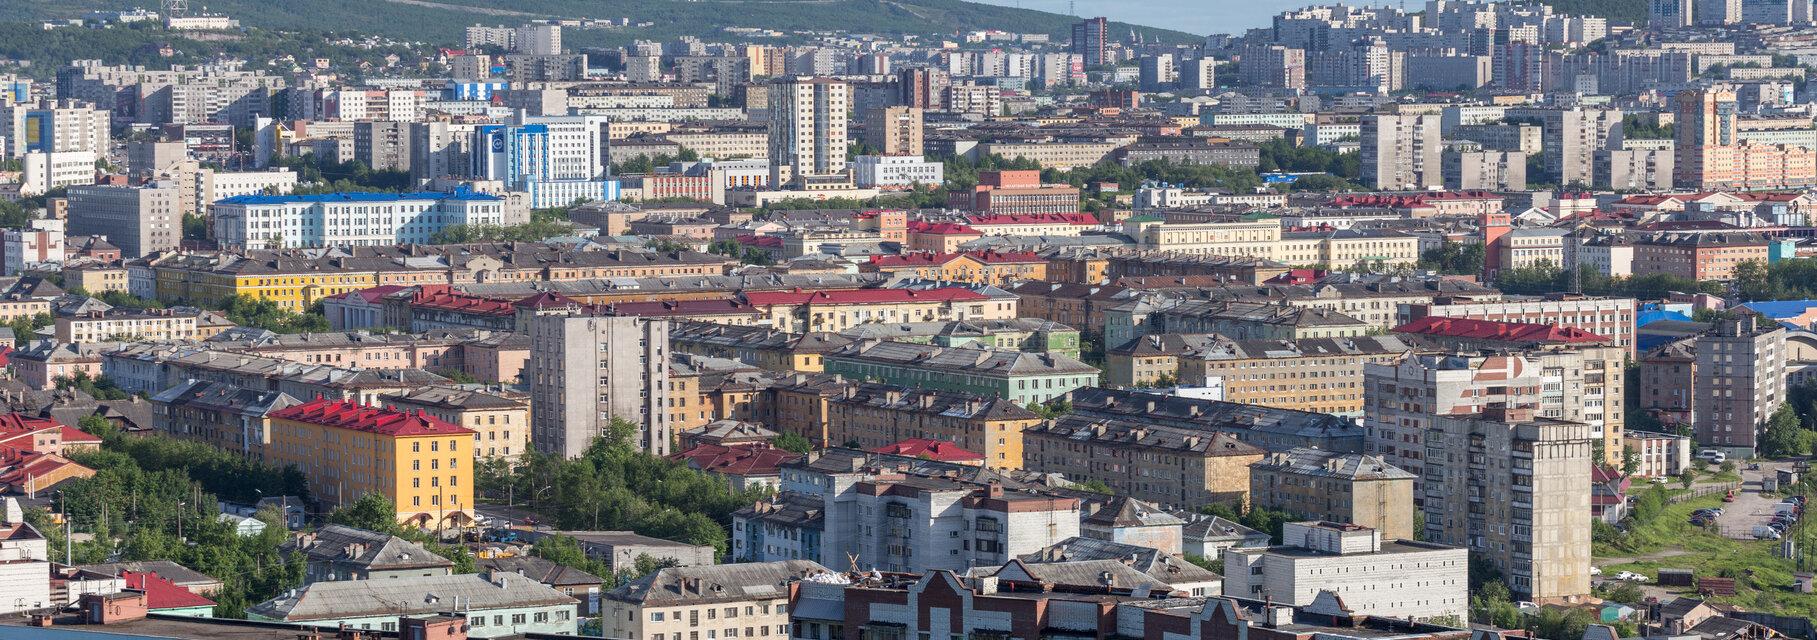 Поиск отелей в Мурманске